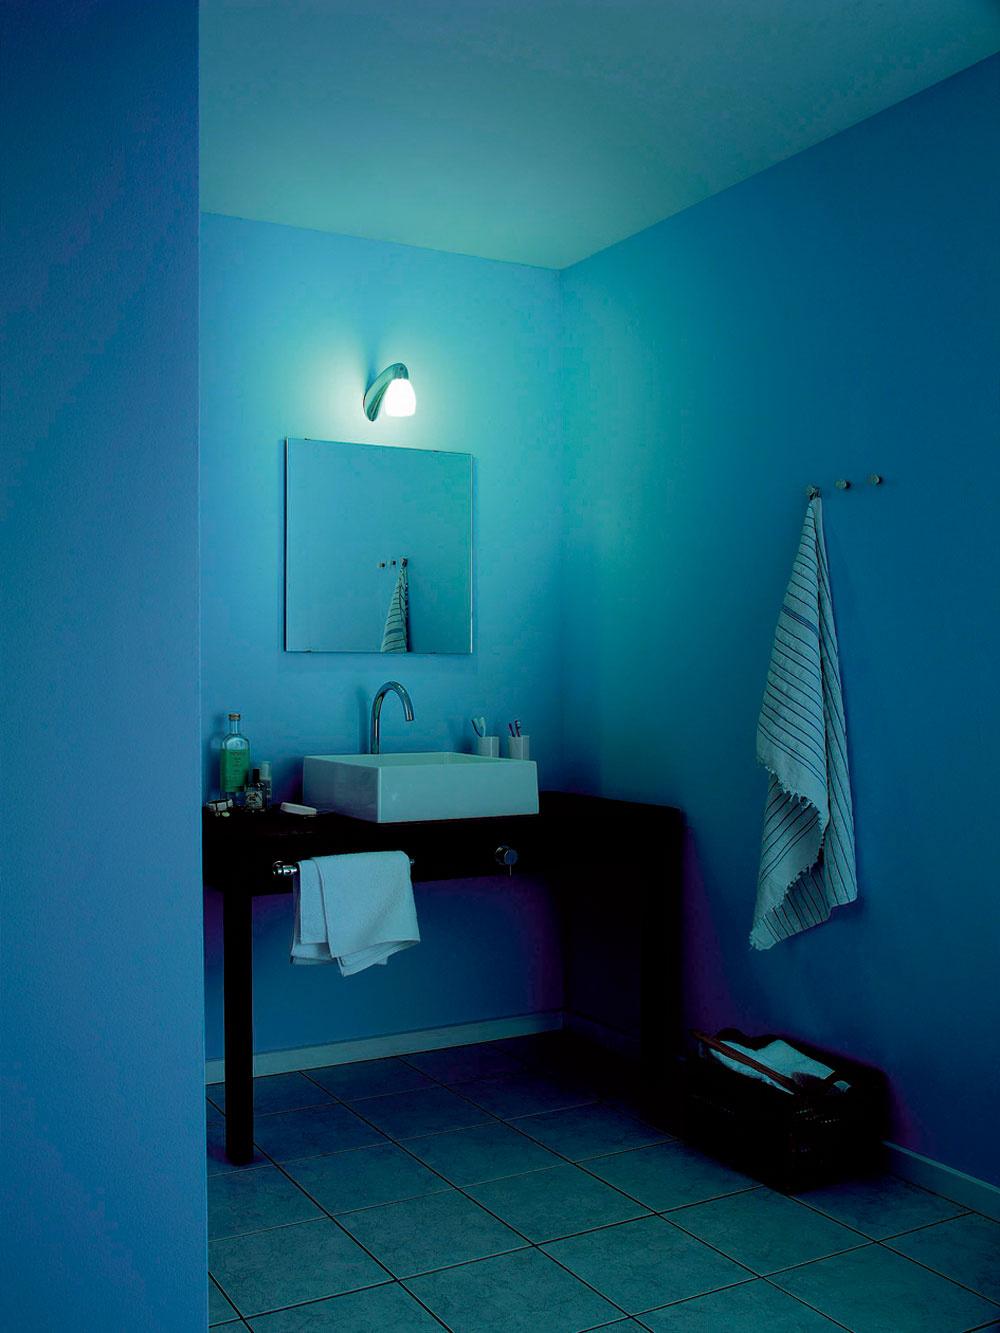 Názorná ukážka toho, čo dokáže denné svetlo privedené svetlovodom. Vľavo kúpeľňa sumelým osvetlením nad zrkadlom. Vpravo rovnaká miestnosť vybavená svetlovodom